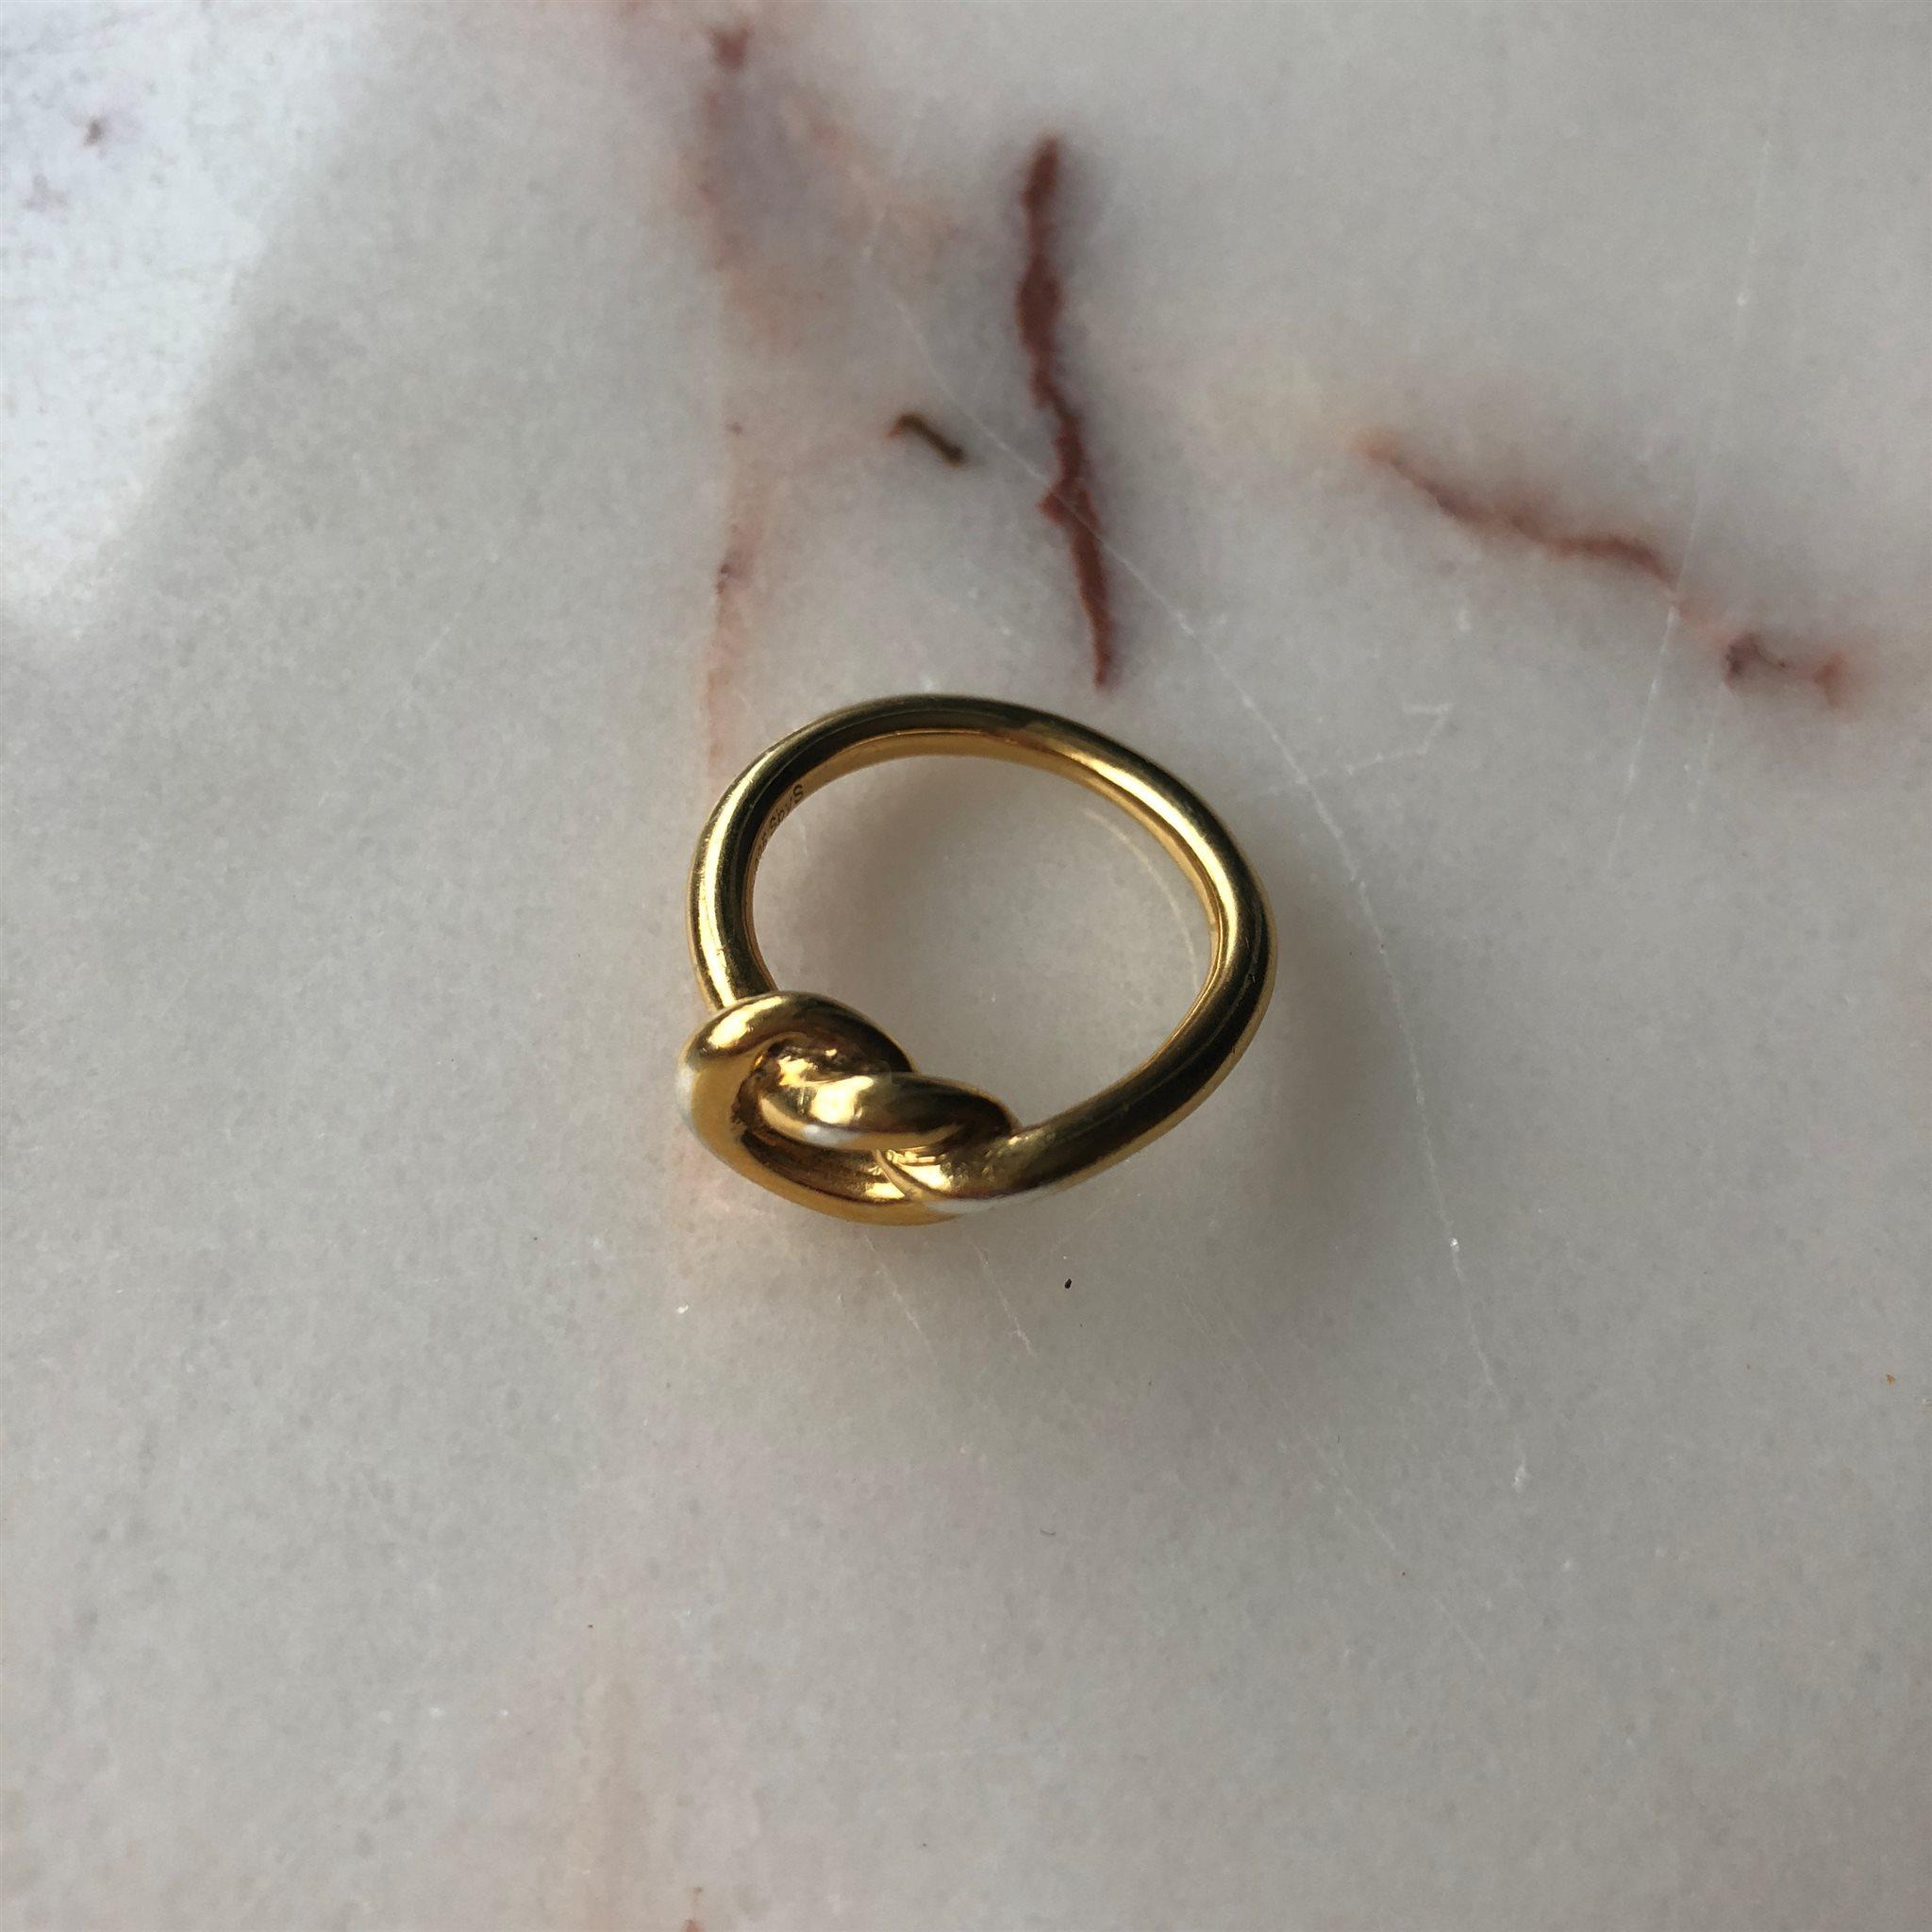 Sophie by Sophie knot ring guld (336487566) ᐈ Köp på Tradera 2ef8739723788